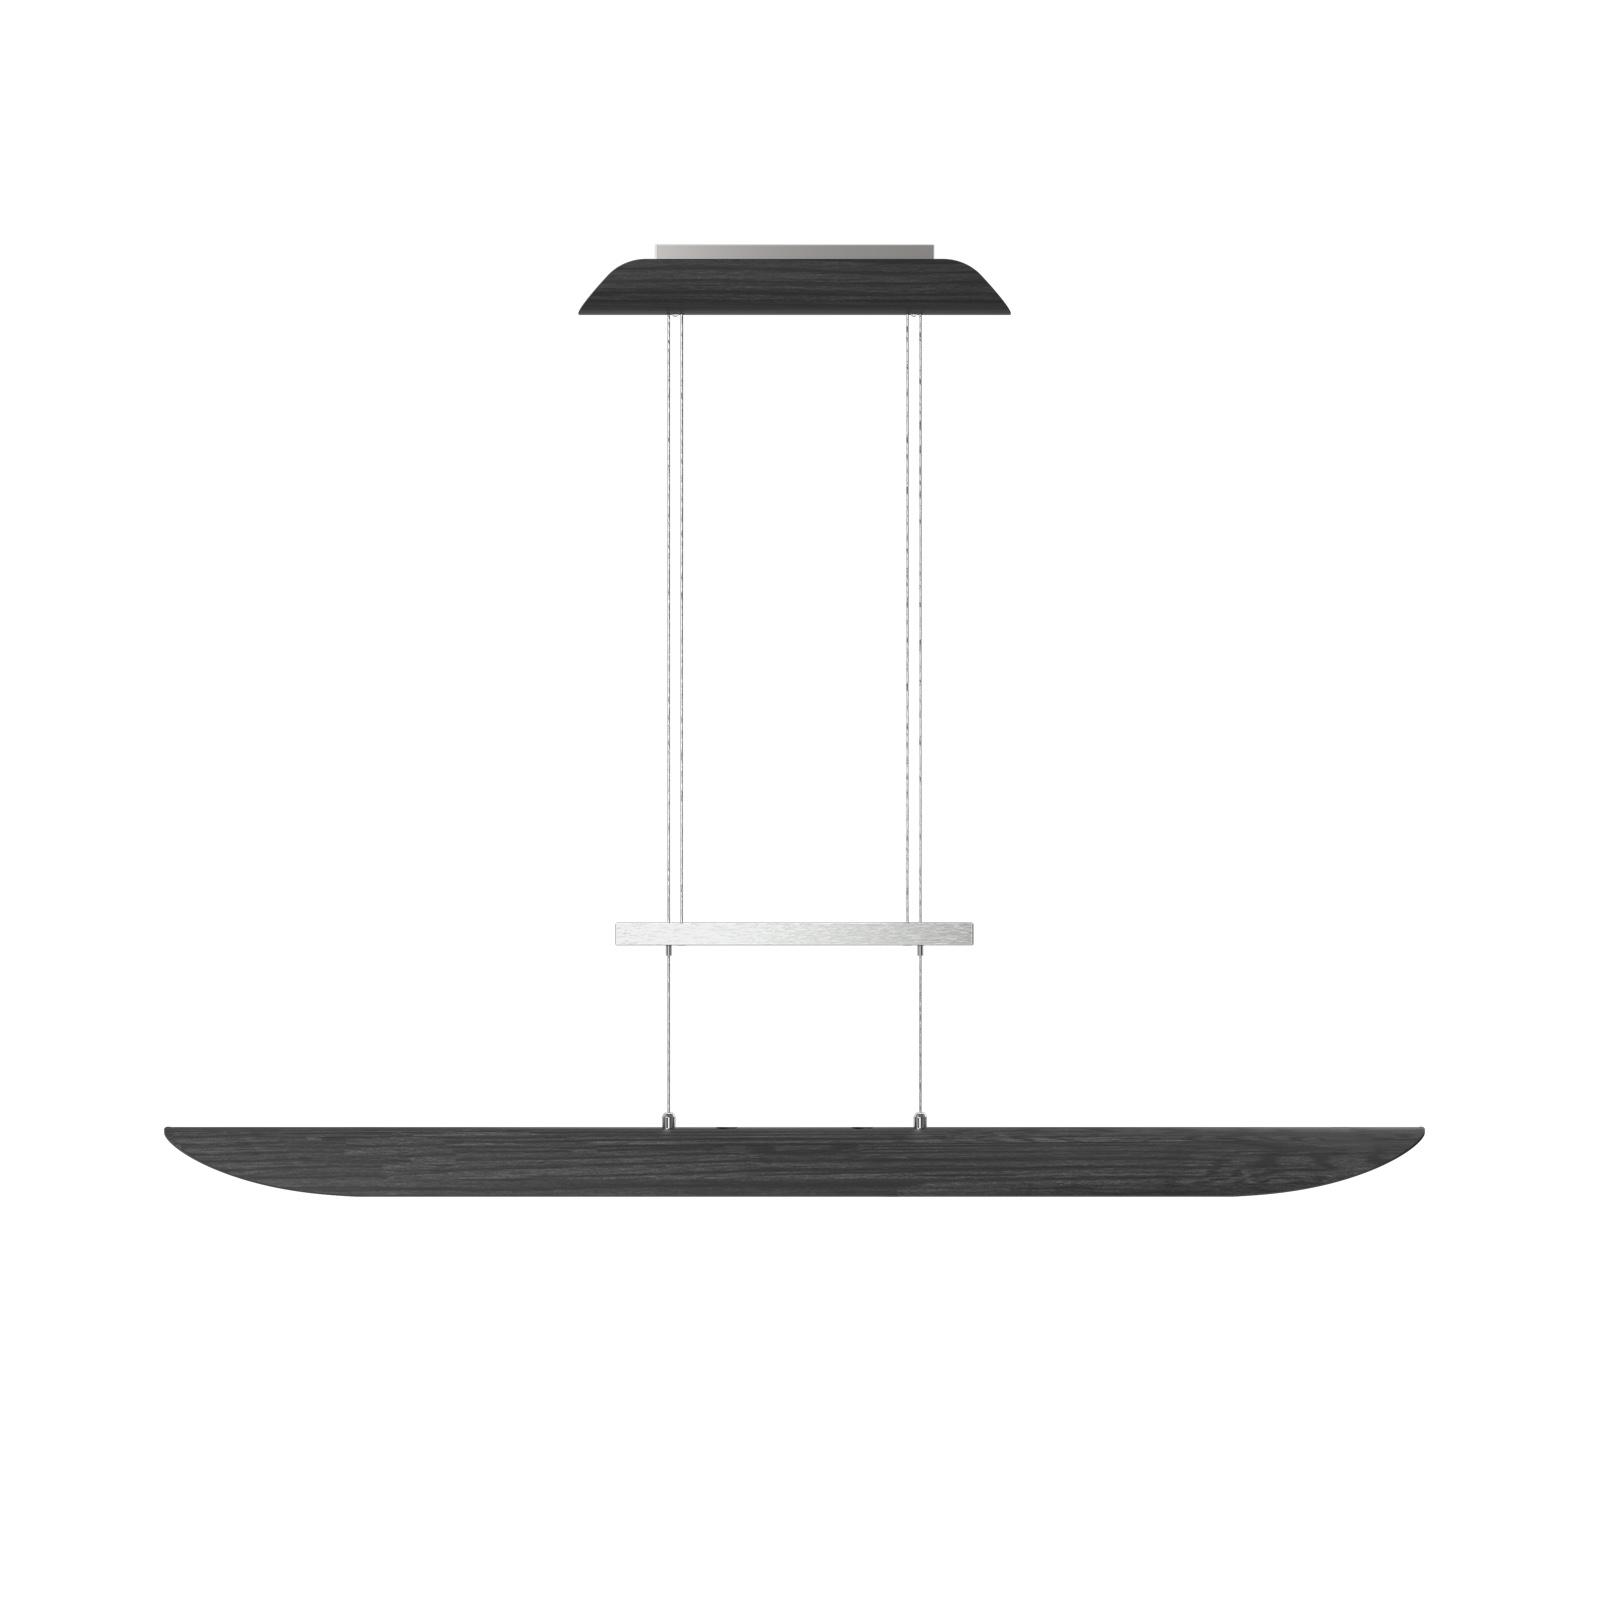 Lampa wisząca LED Colombia XL, dąb czarny